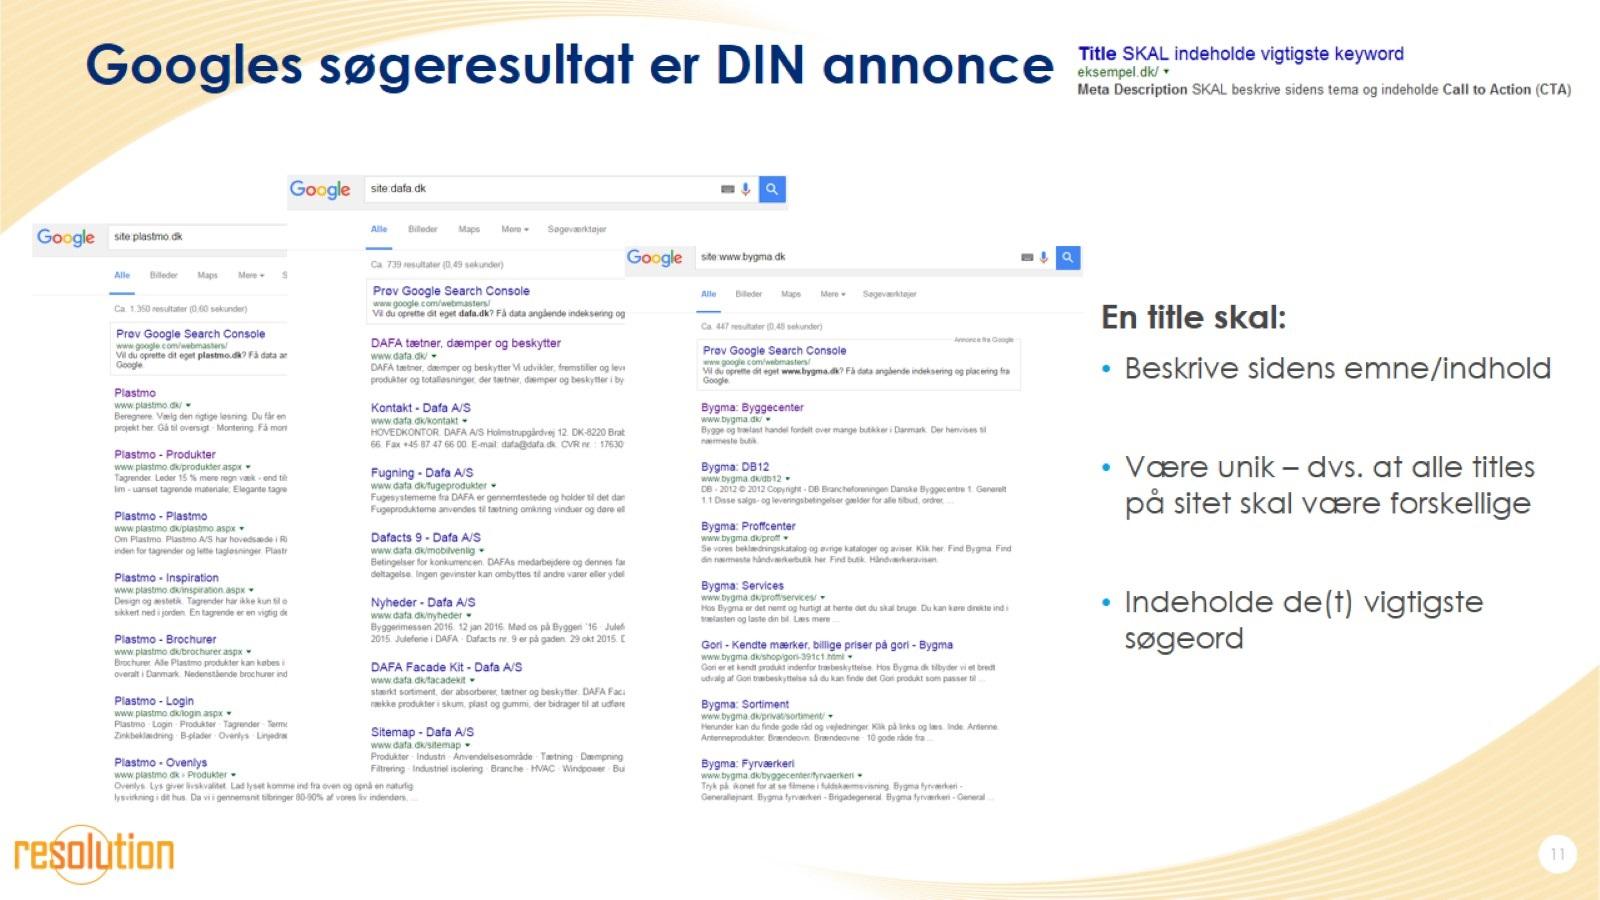 Googles søgeresultat er DIN annonce